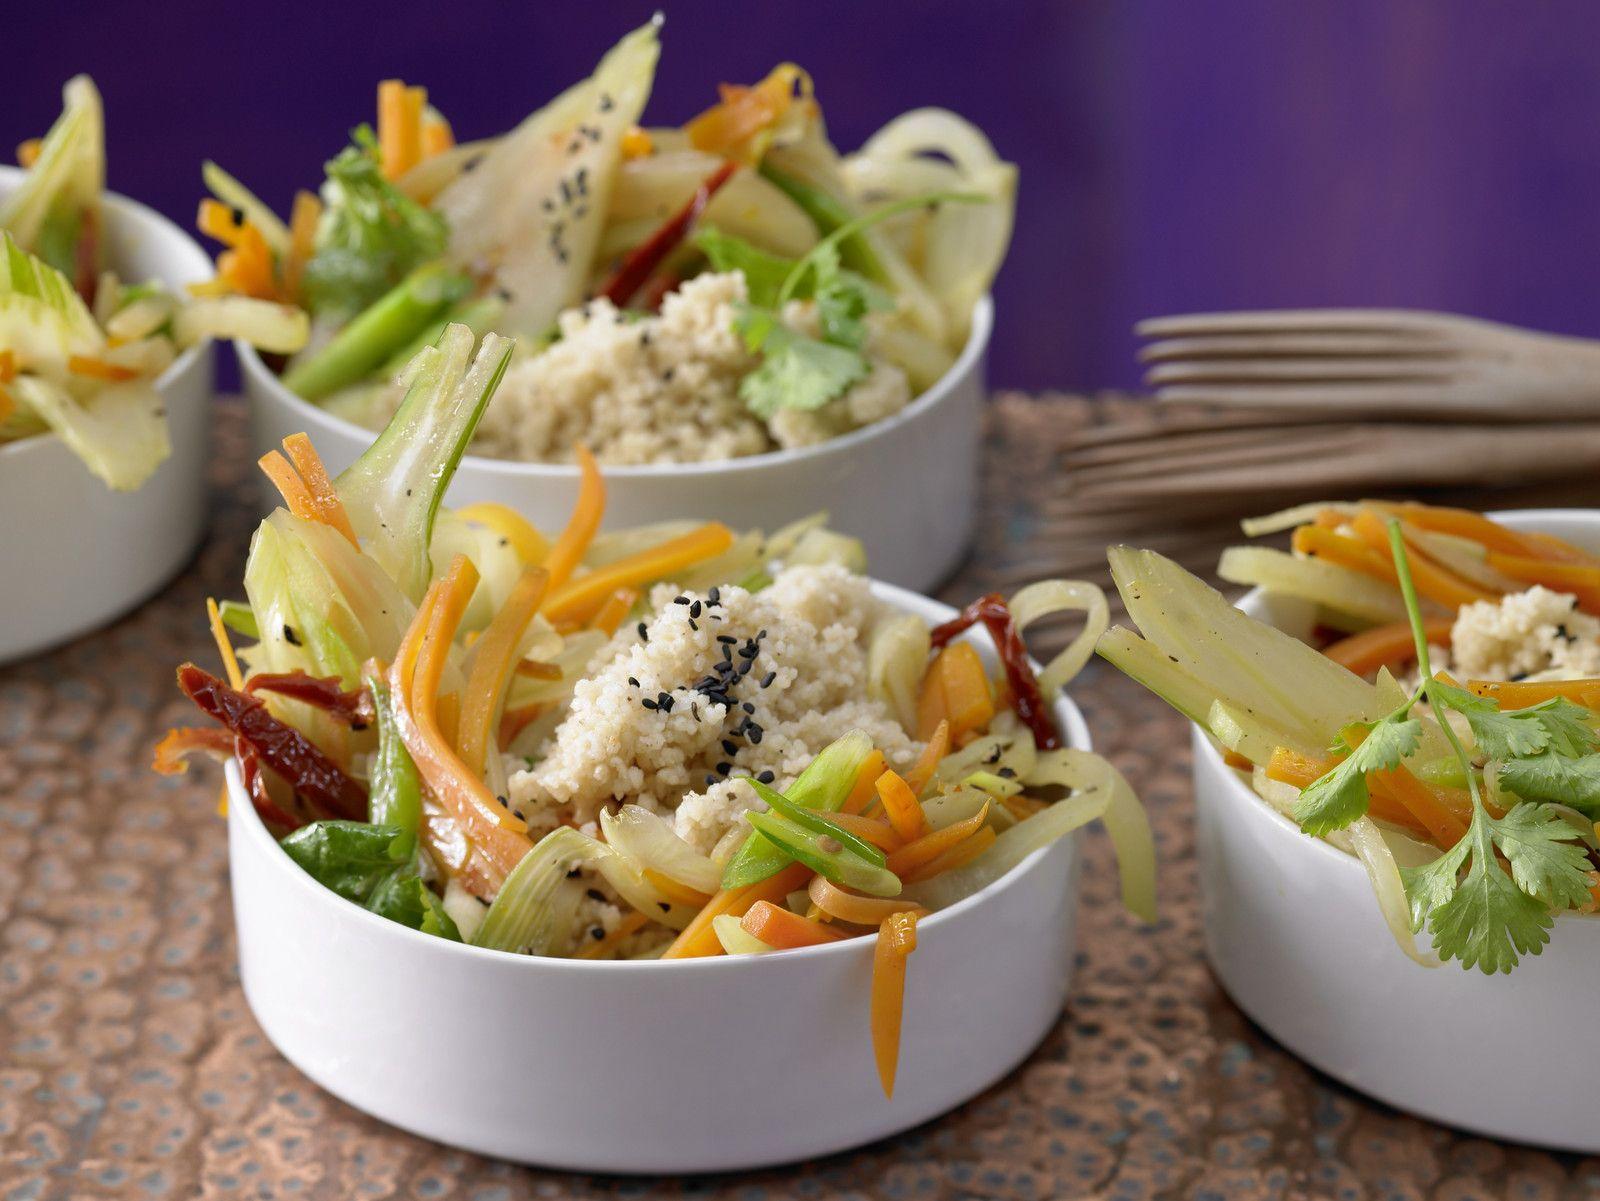 Leichte Küche Einfache Rezepte | Fisch In Tomatensauce Rezept Essen ...